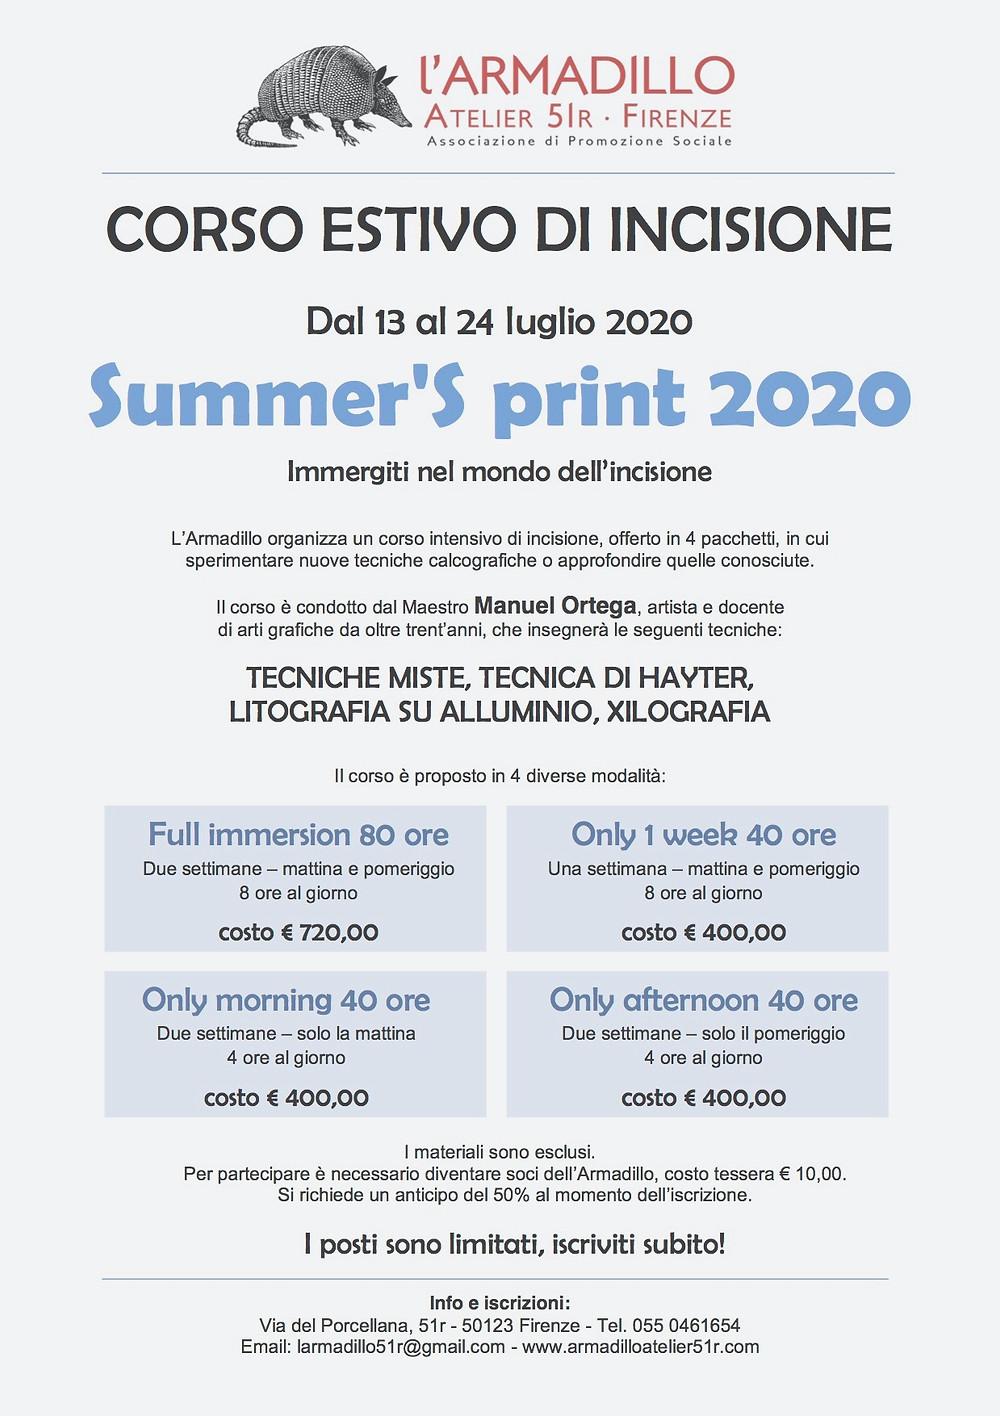 Corso estivo di incisione 2020 tenuto da Manuel Ortega